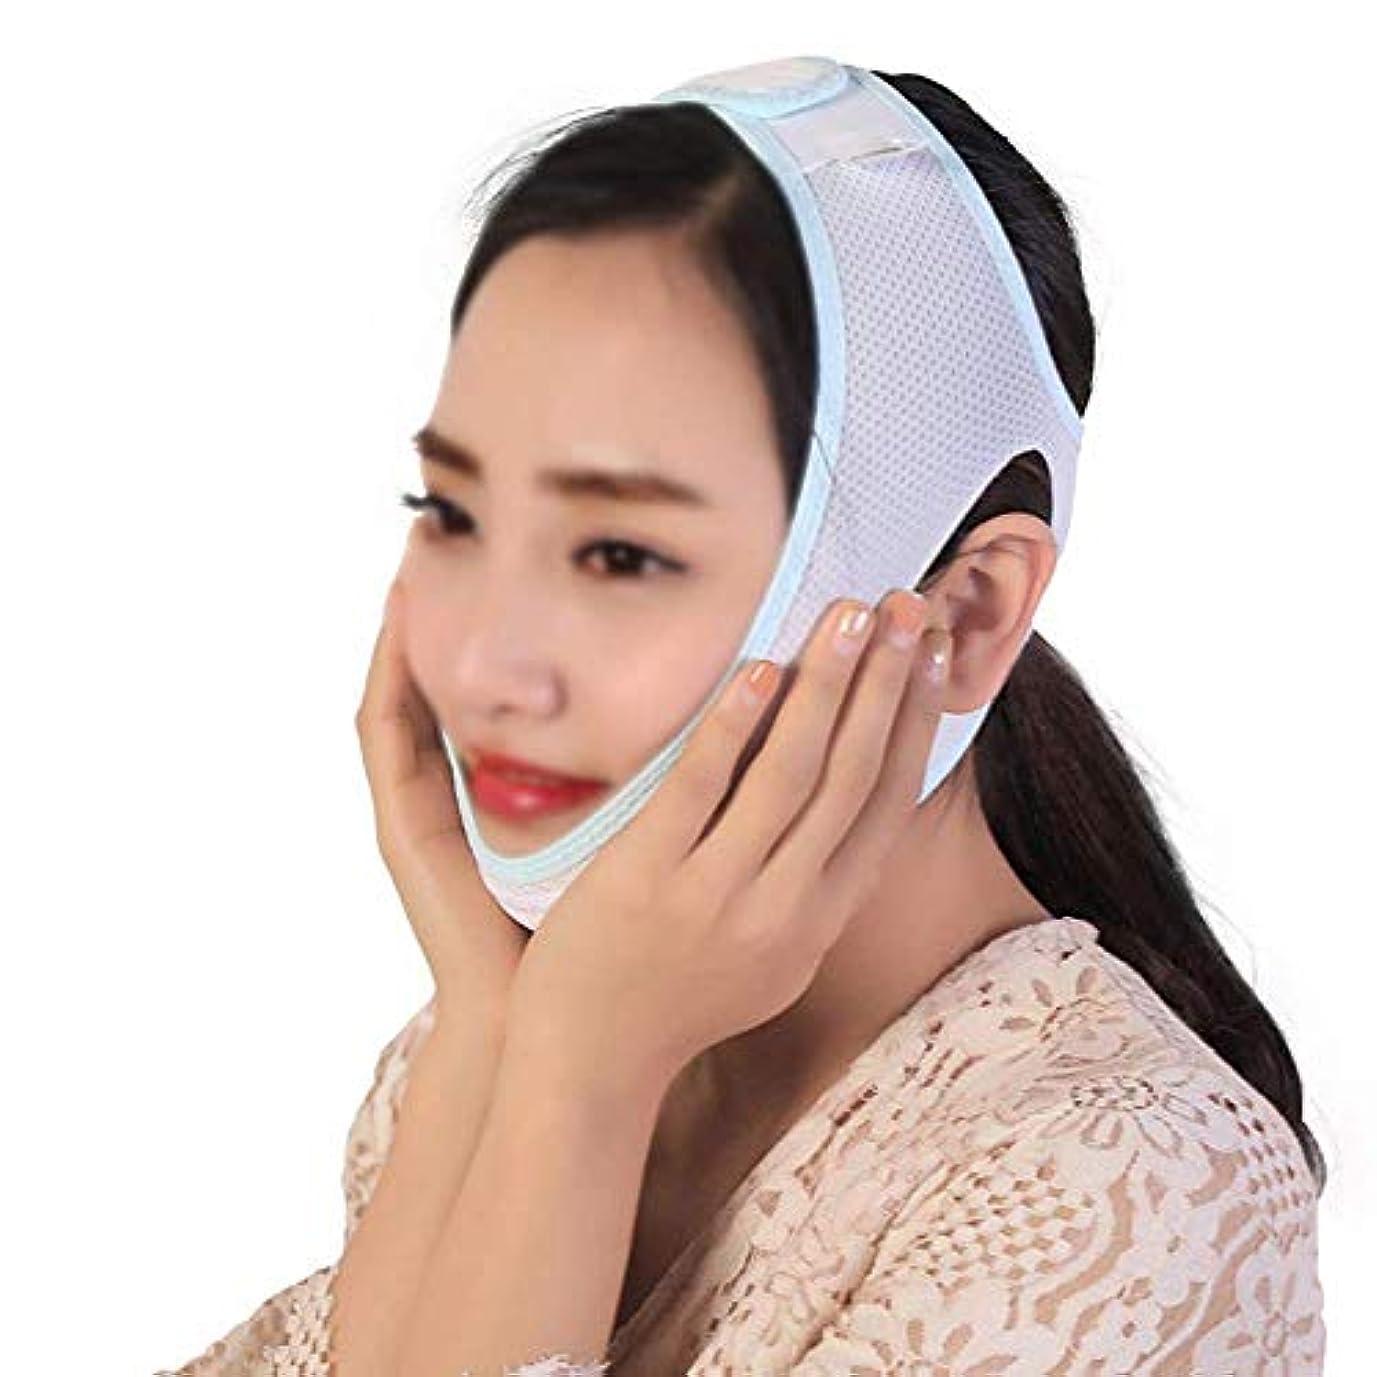 評価母性ゼリーファーミングフェイスマスク、スモールVフェイスアーティファクトリフティングフェイスプラスチックフェイスマスクコンフォートアップグレード最適化フェイスカーブの向上包括的な通気性のある包帯(サイズ:M)